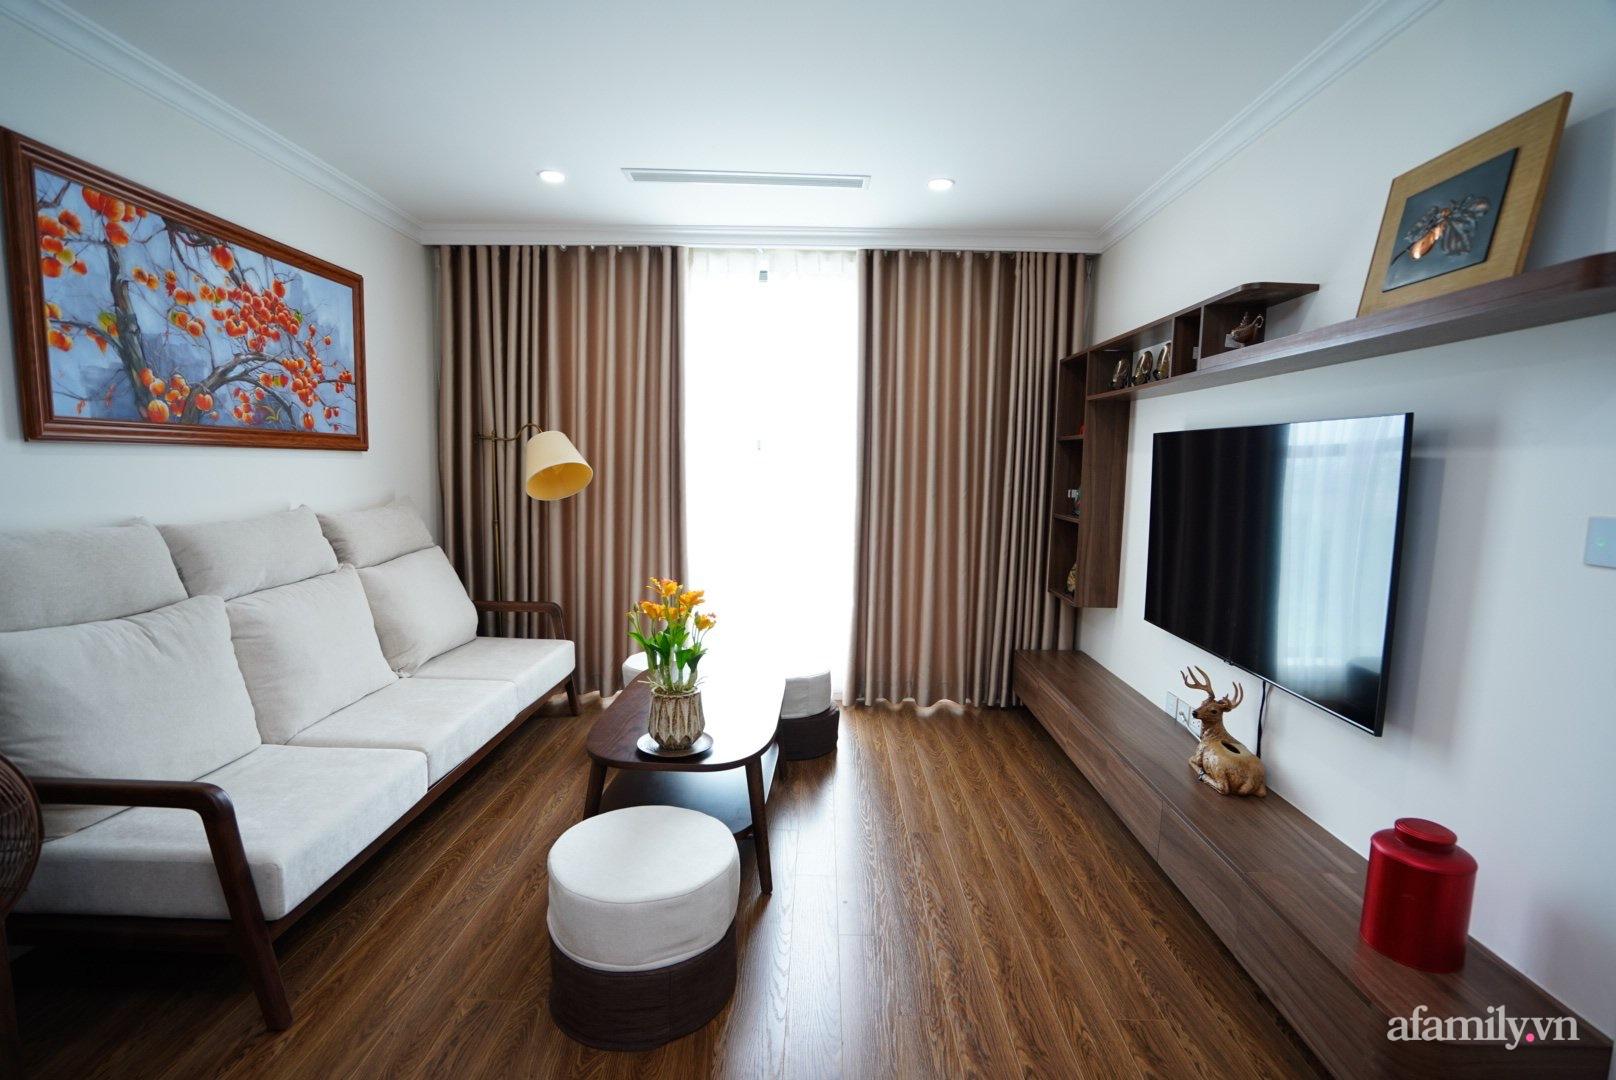 Căn hộ 107m2 đẹp sang trọng với nội thất màu gỗ óc chó có chi phí hoàn thiện 150 triệu đồng ở Hà Nội - Ảnh 1.